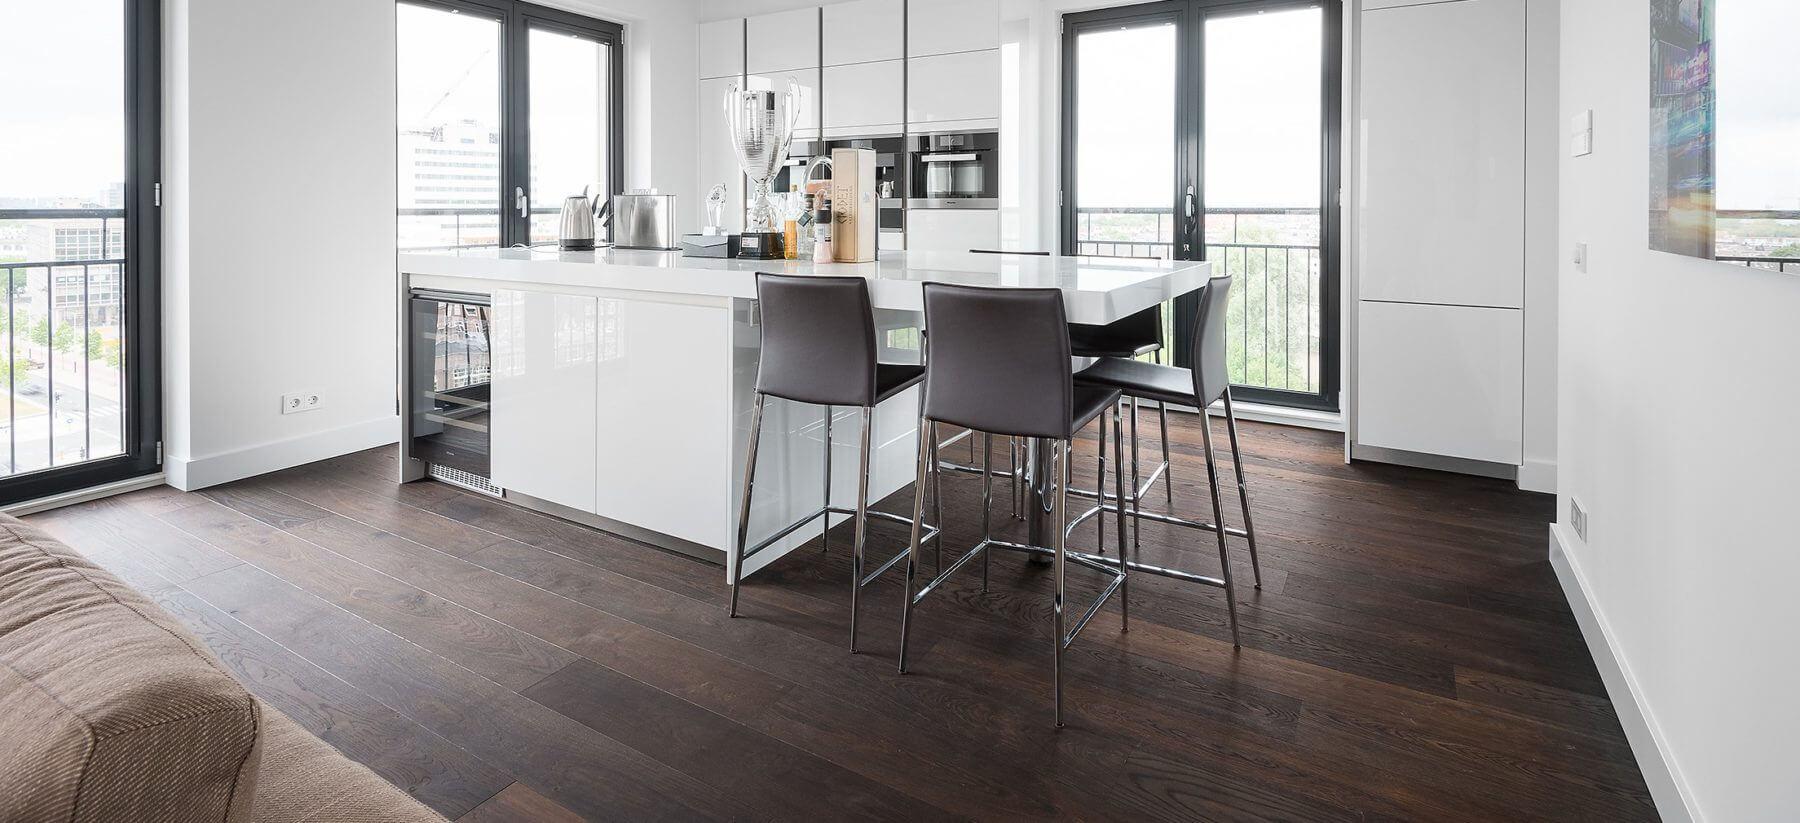 Luxe appartement met vloerverwarming geen probleem bij Vloerenhuis Amsterdam Tapis lamelparket etc.